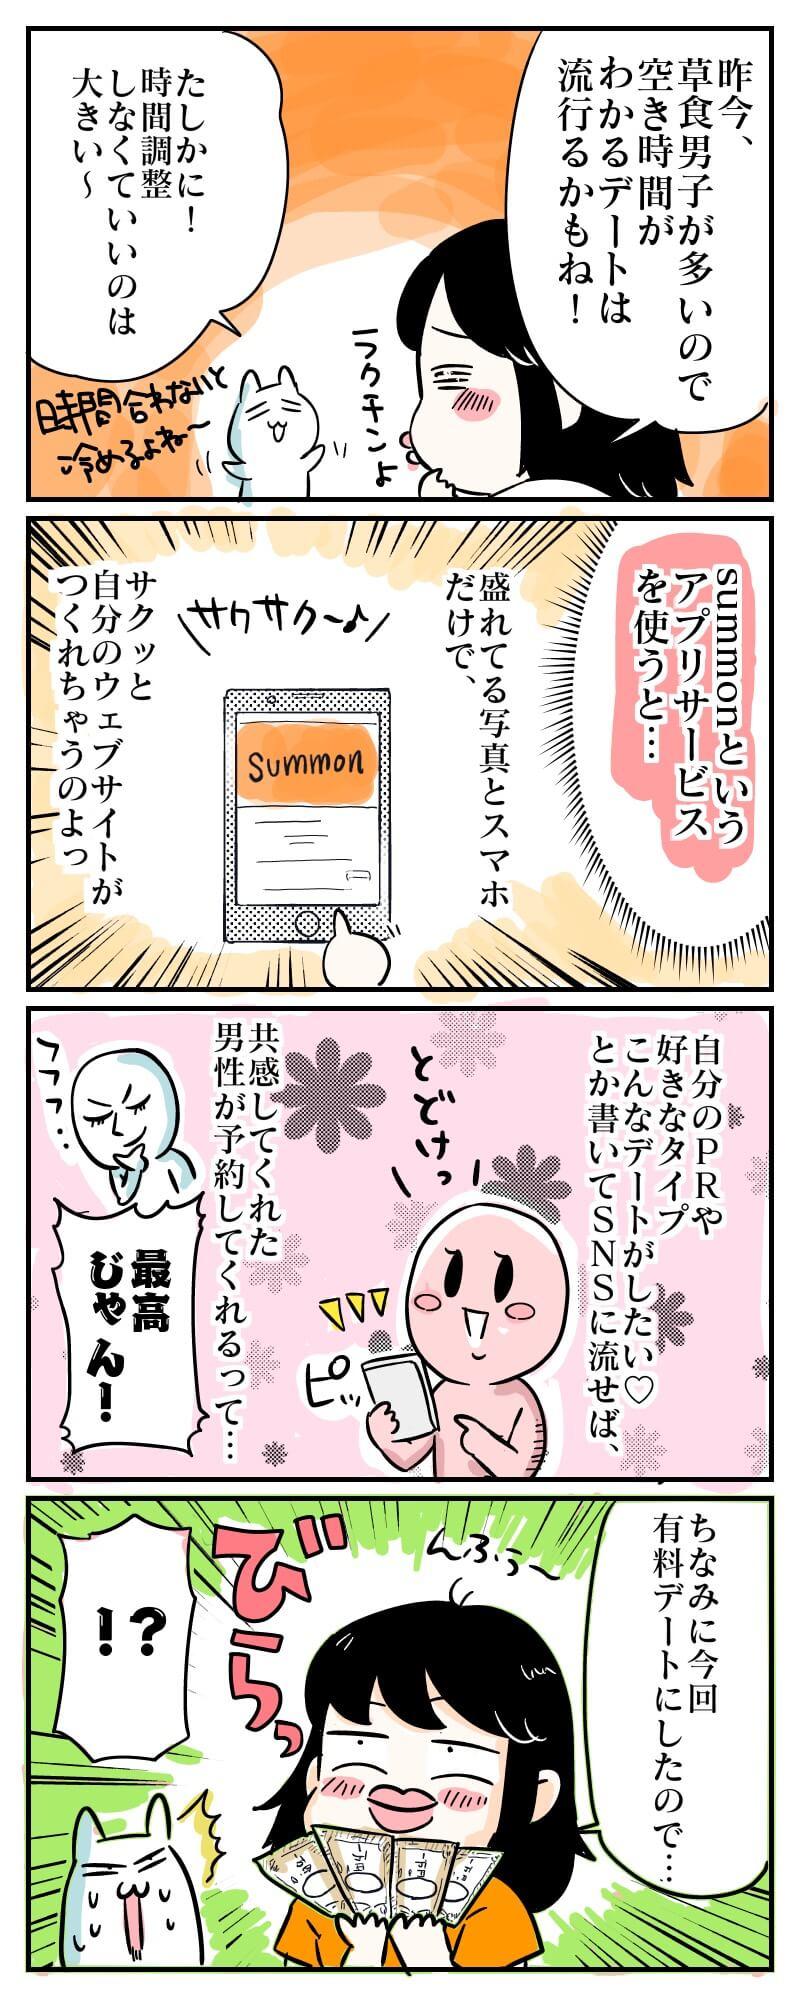 アラサーsns恋活マンガ6